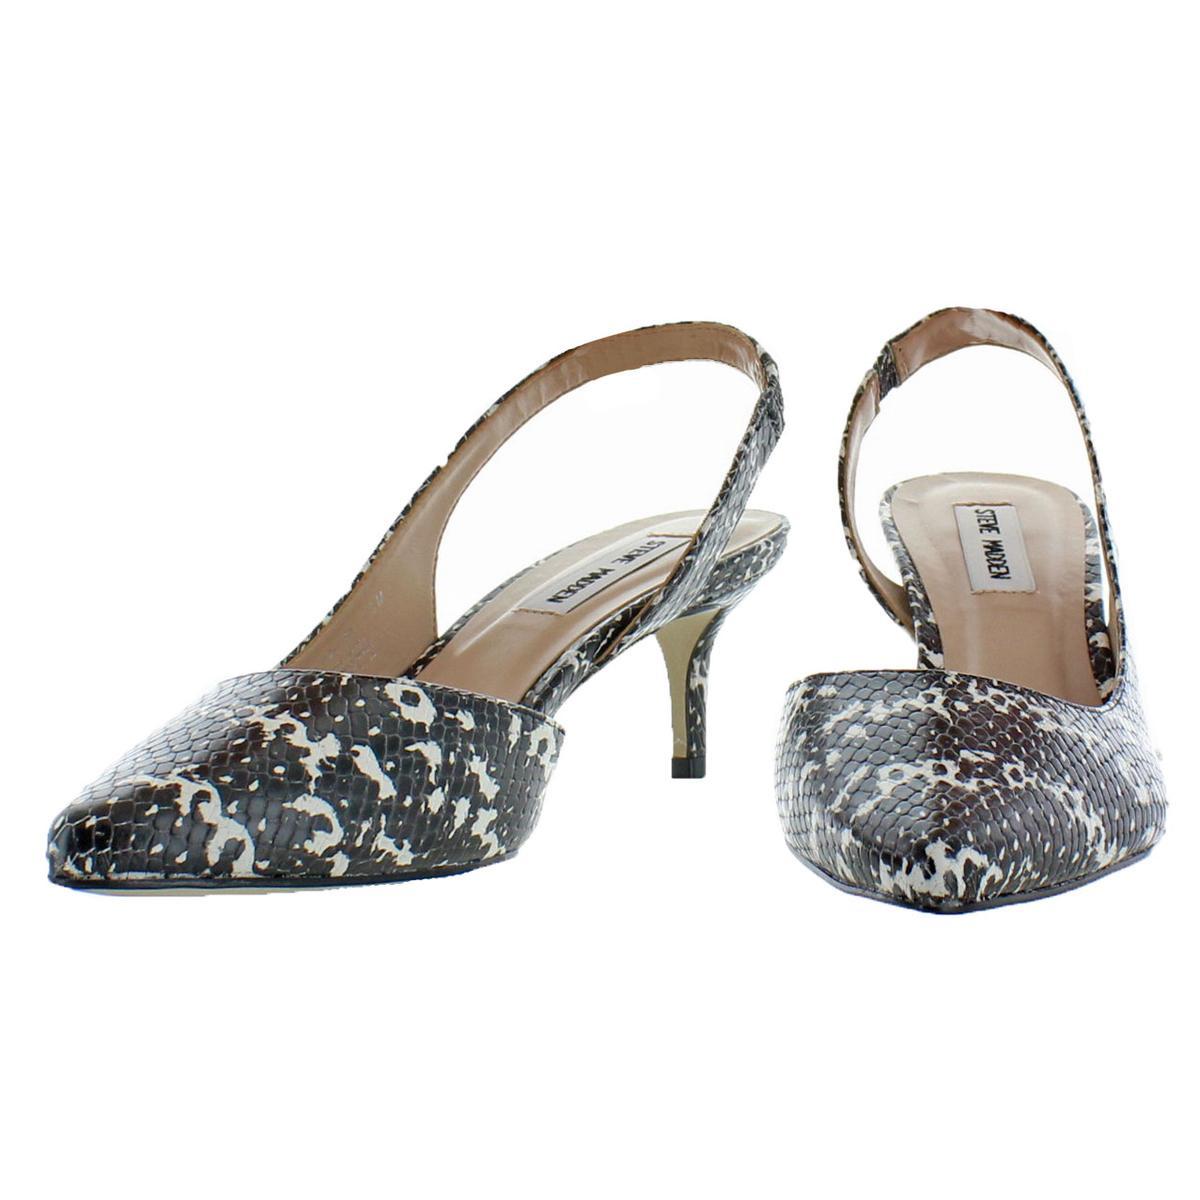 Steve-Madden-Vera-Women-039-s-Slip-On-Pointed-Toe-Half-d-039-Orsay-Slingback-Heels thumbnail 7